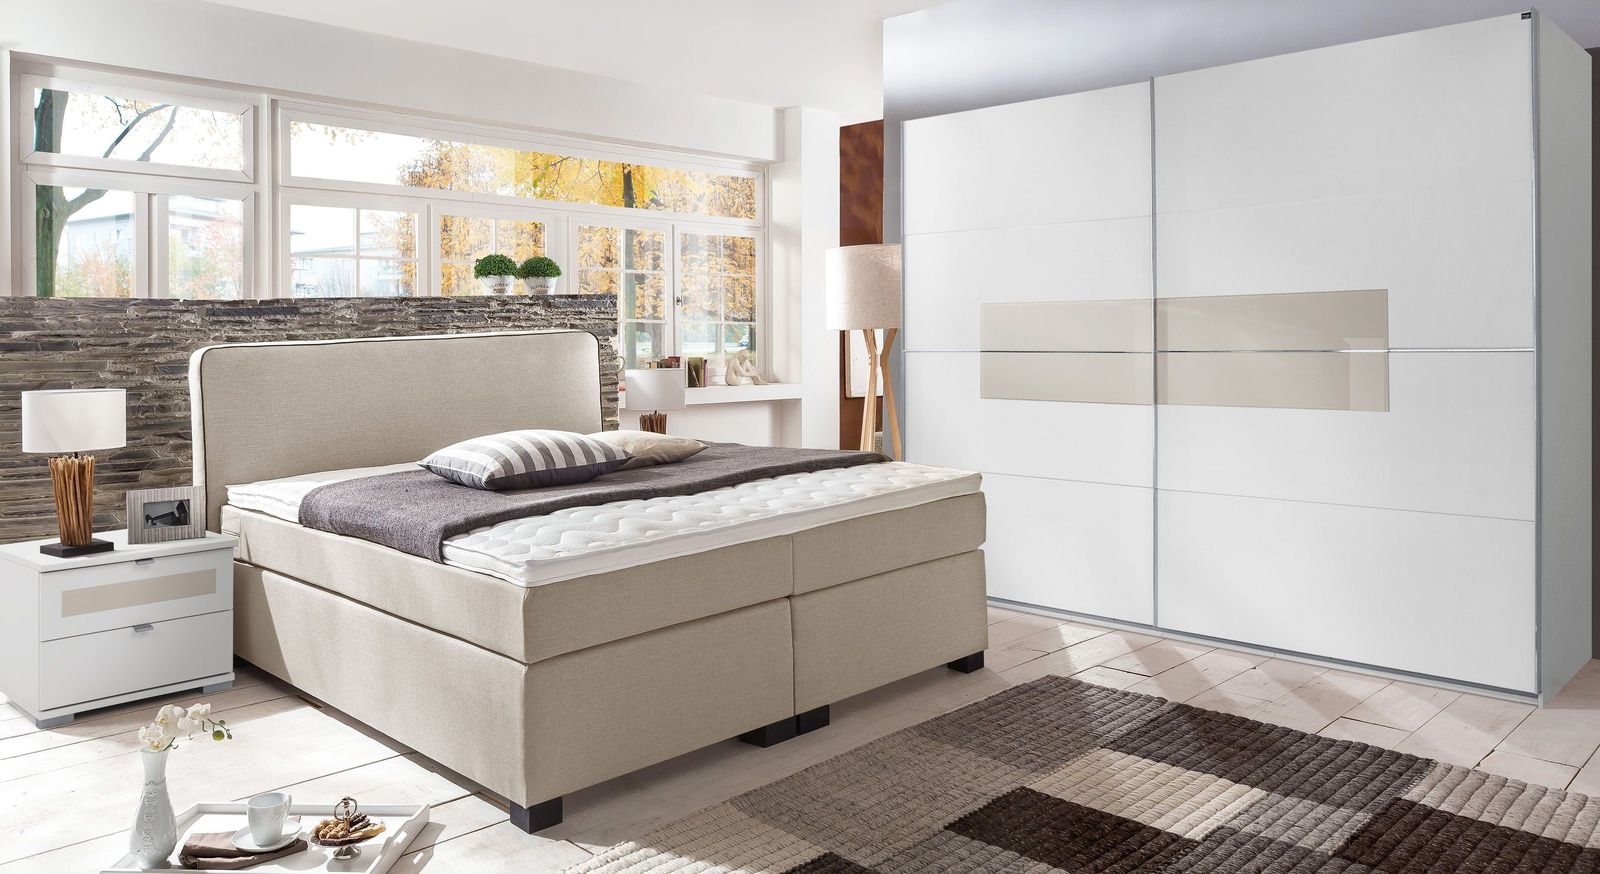 Boxspringbett Armento mit passenden Schlafzimmermöbeln